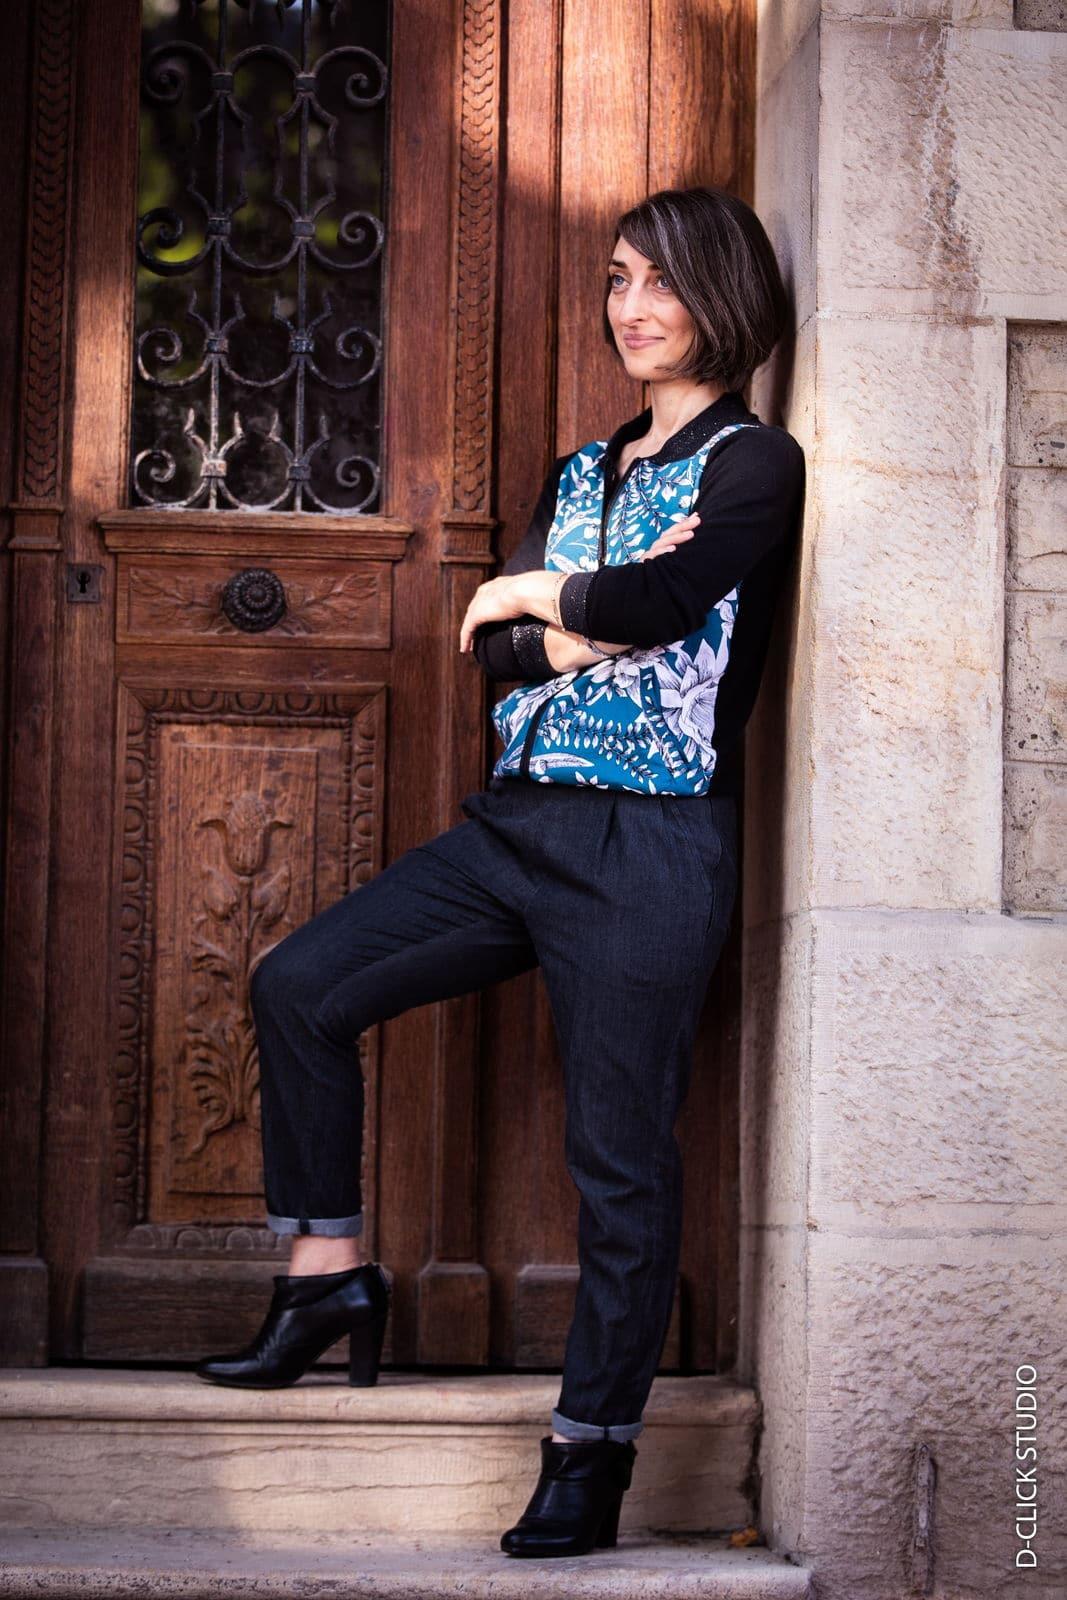 Un_tresor_dans_mon_placard-style_vestimentaire_coaching_vestimentaire-dressing_minimaliste-slowfashion-DclickStudio